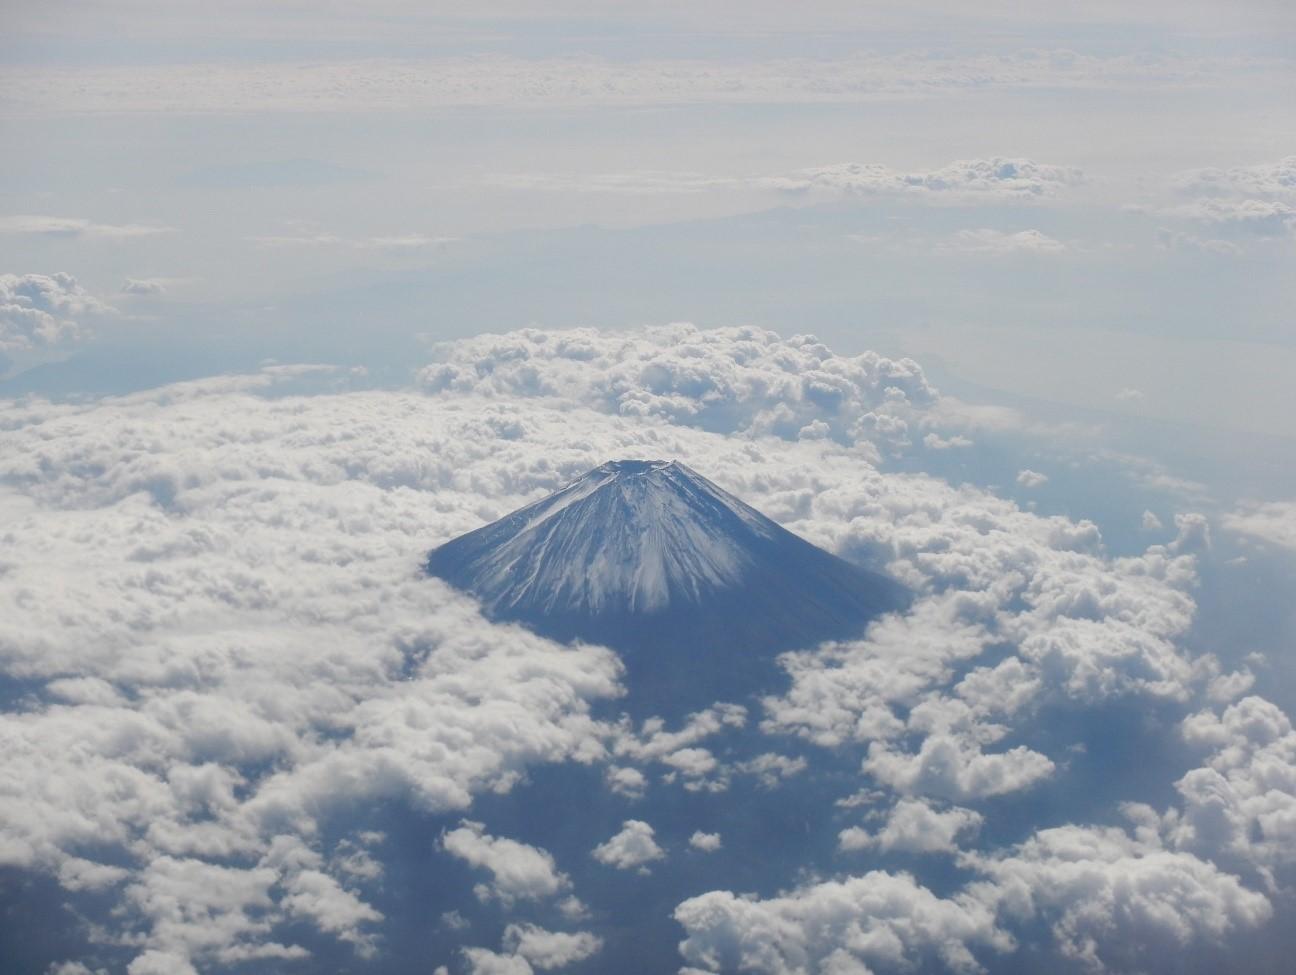 静岡を観光する方へのおすすめスポット